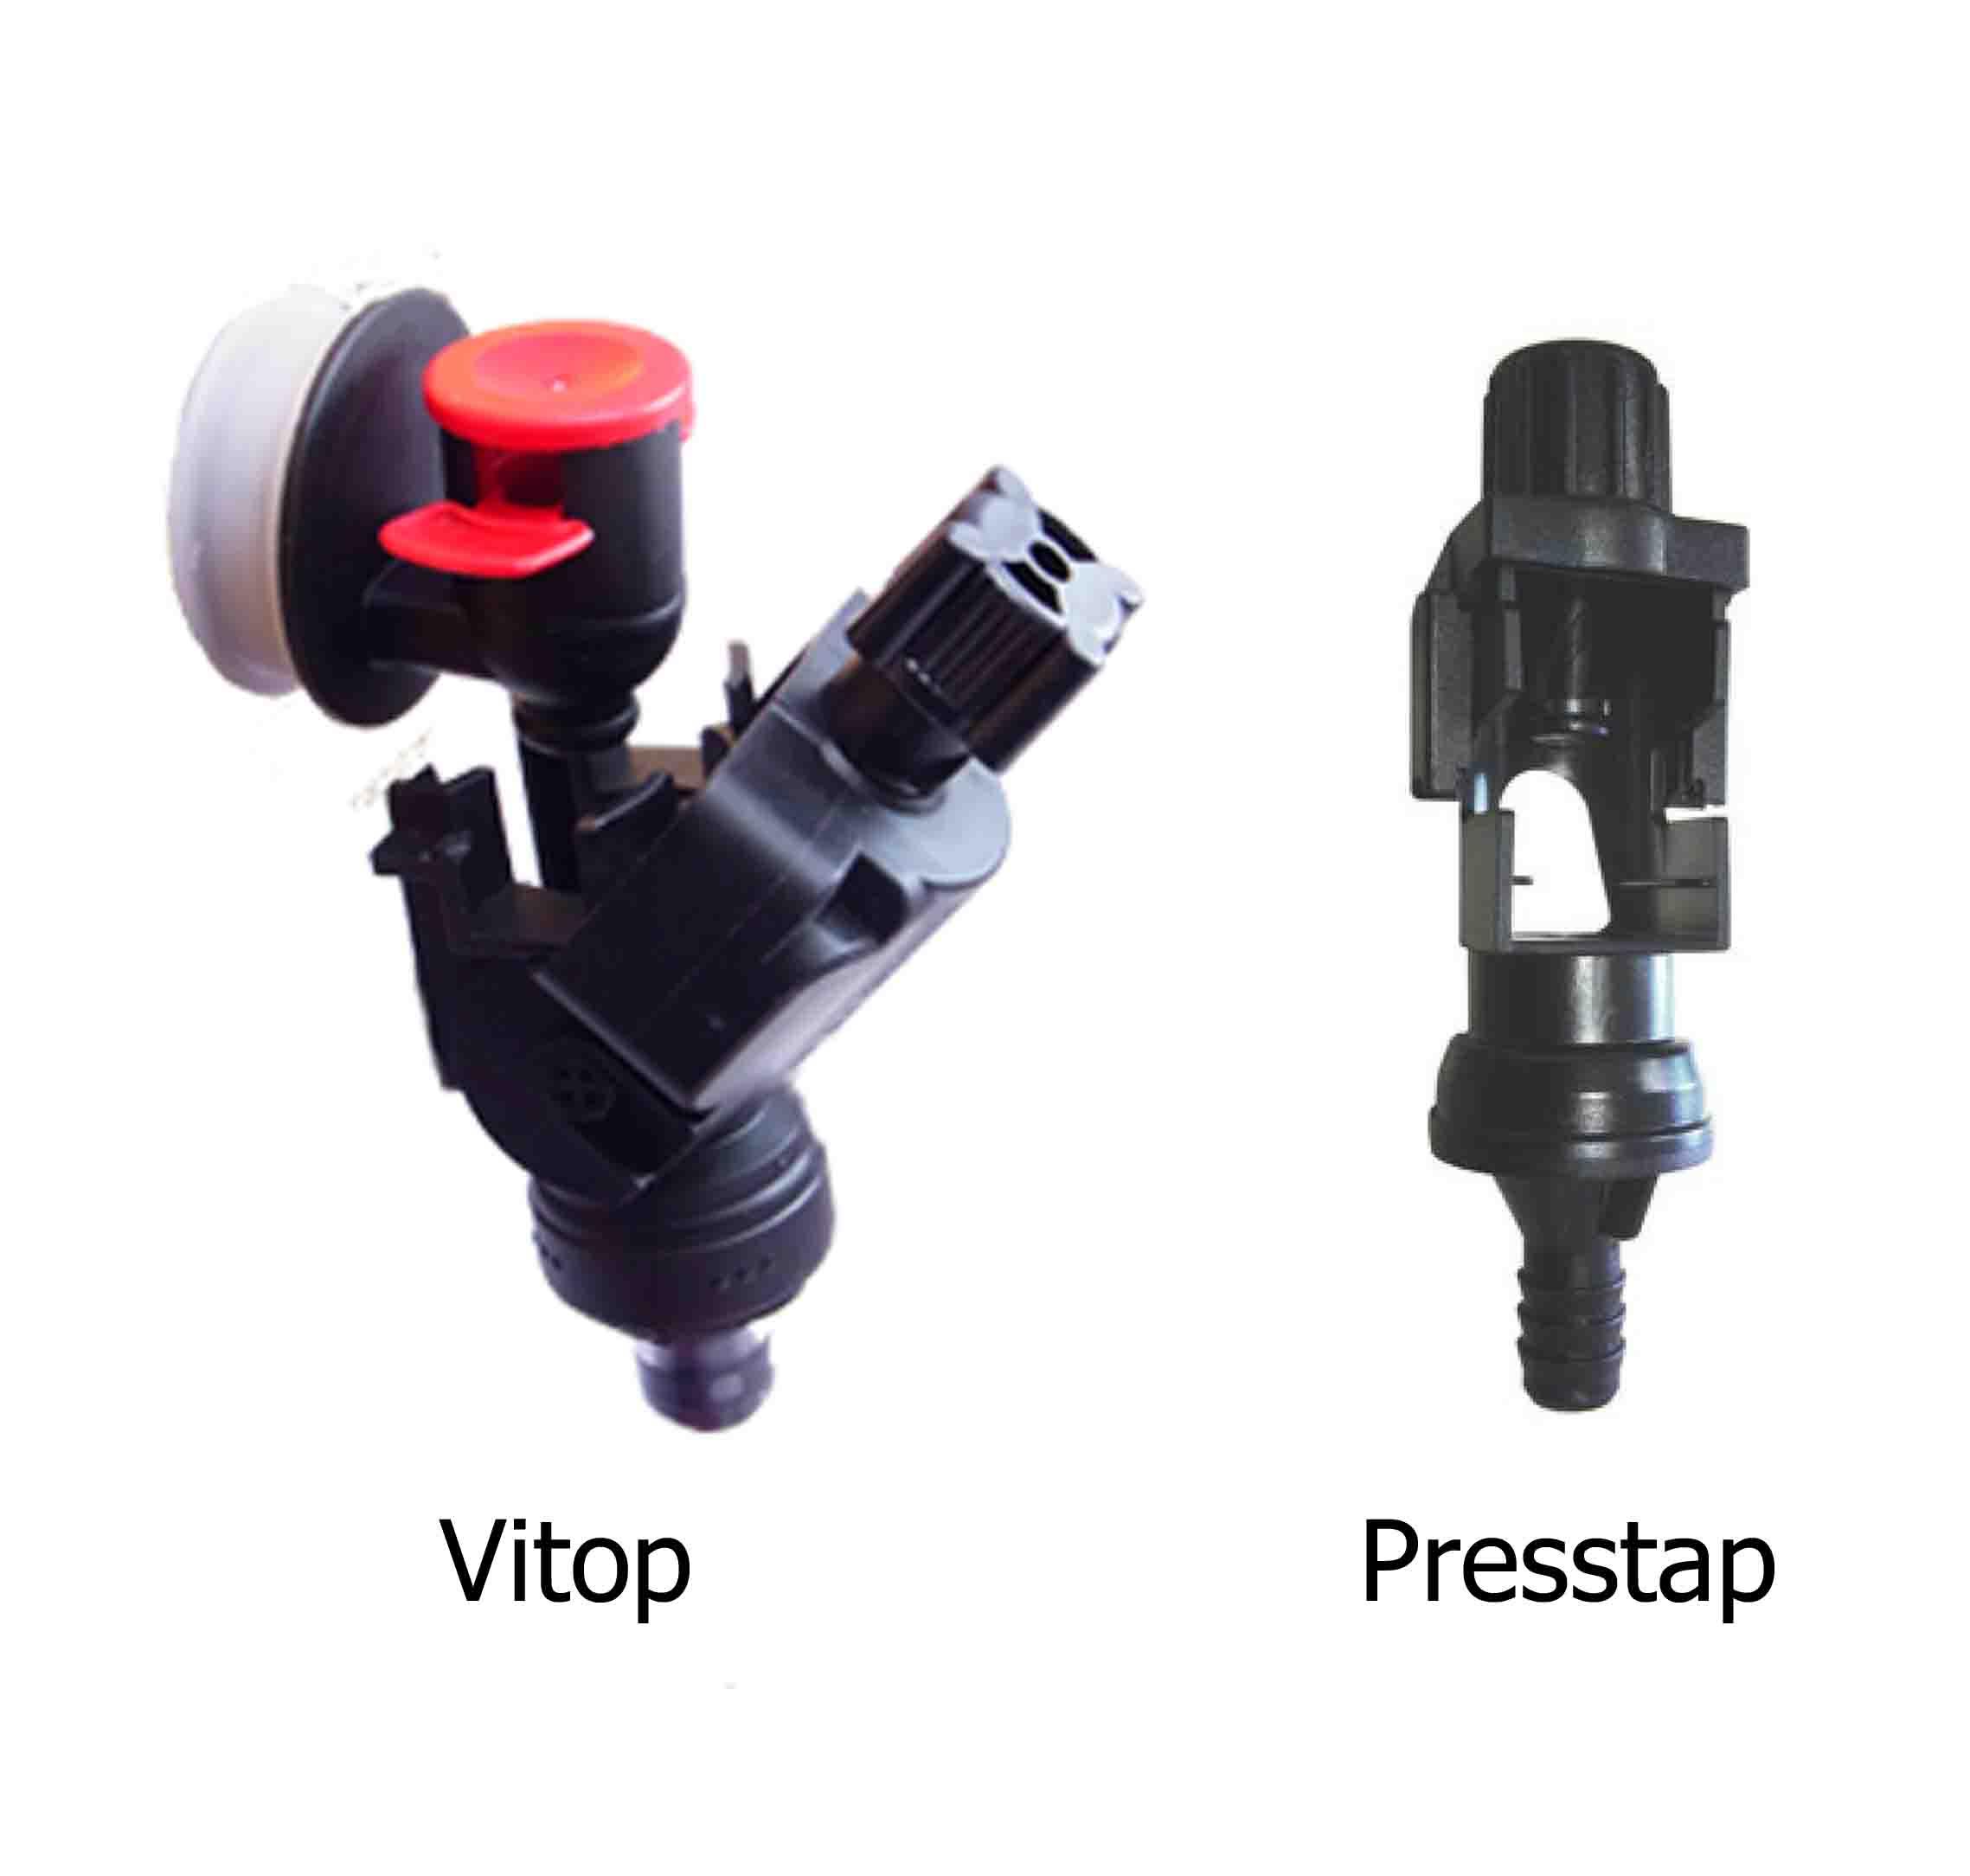 CONECTOR VITOP/PRESSTAP-VINITAP